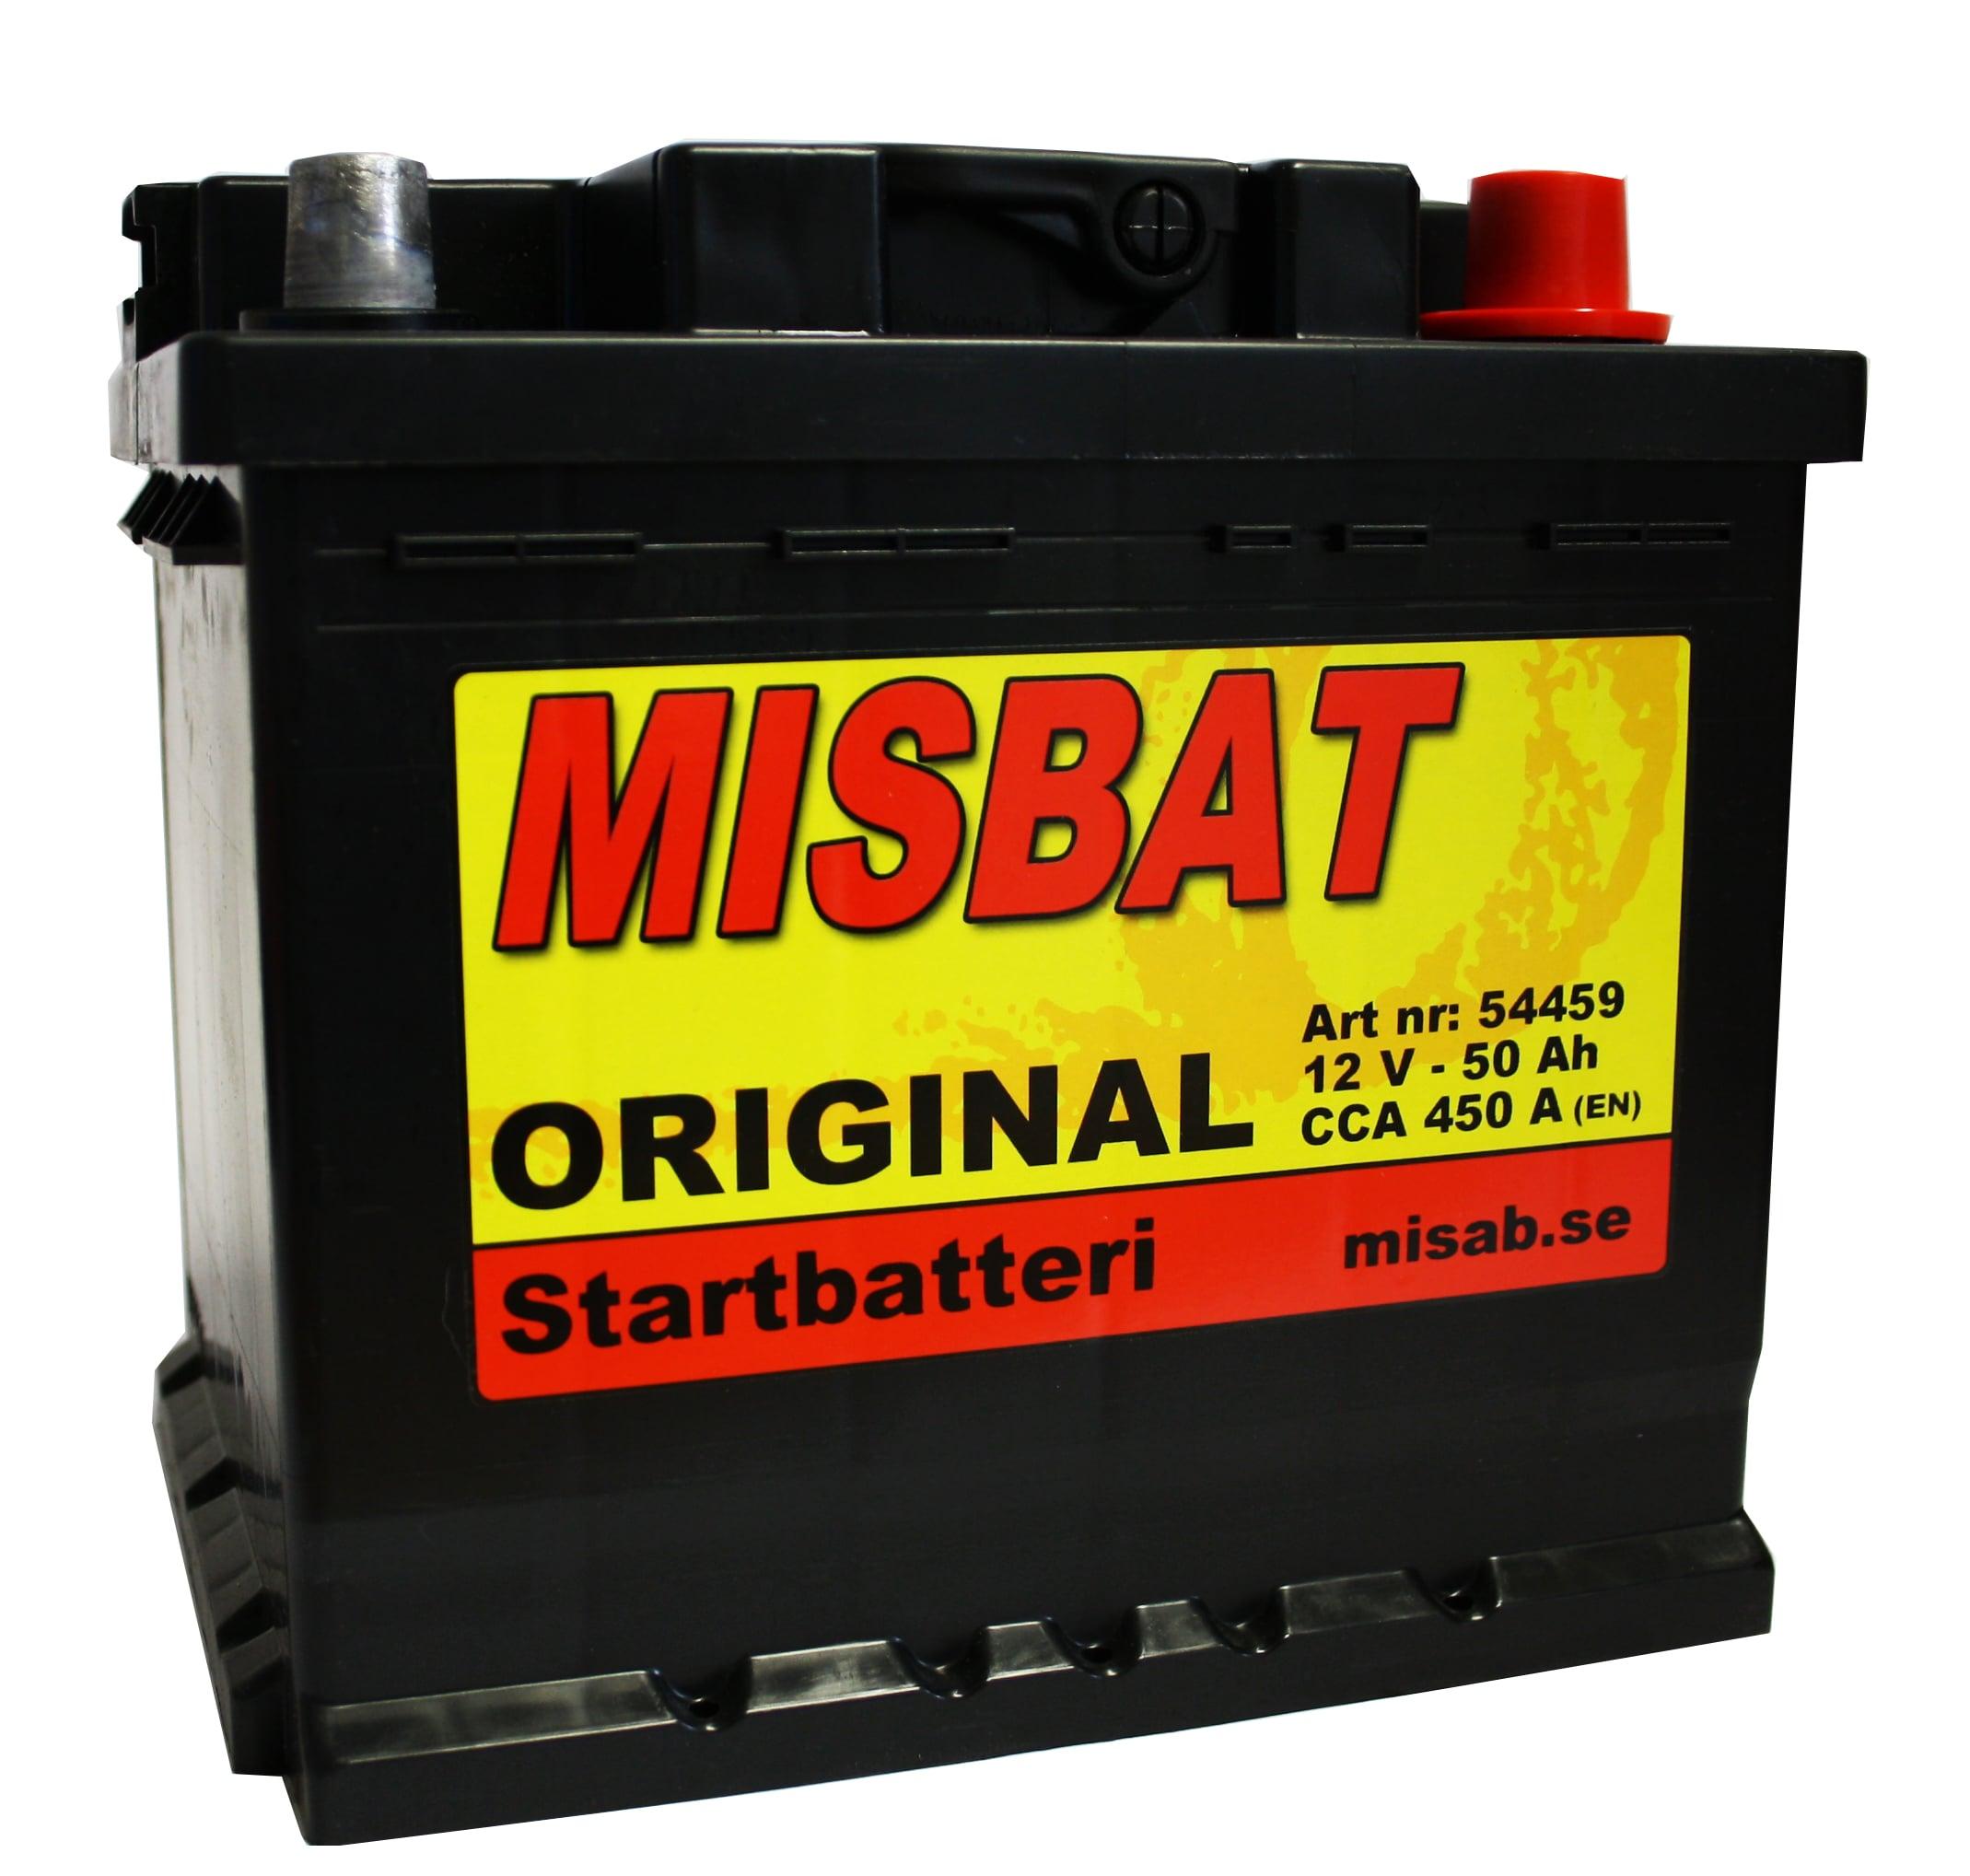 MISBAT ORIGINAL 55 AH